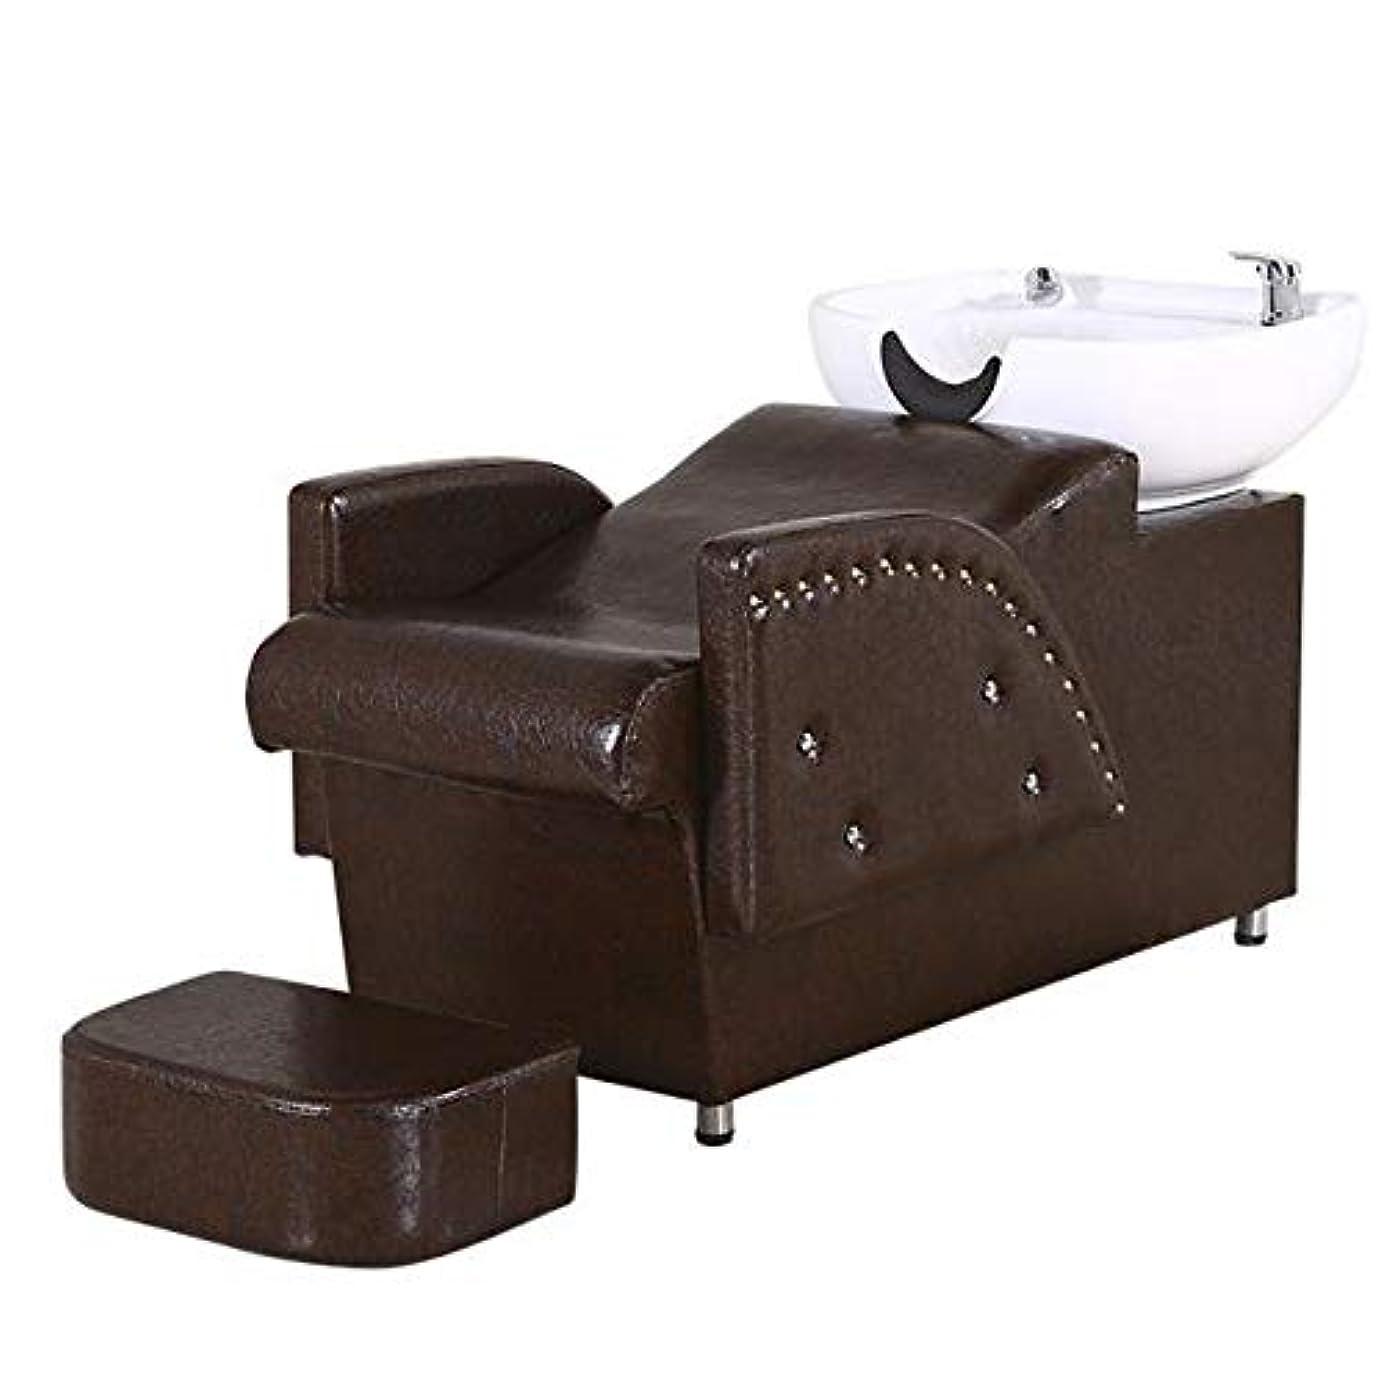 シャンプー椅子、逆洗ユニットシャンプーボウル理髪シンク椅子スパ美容院機器半横臥シャンプーベッド